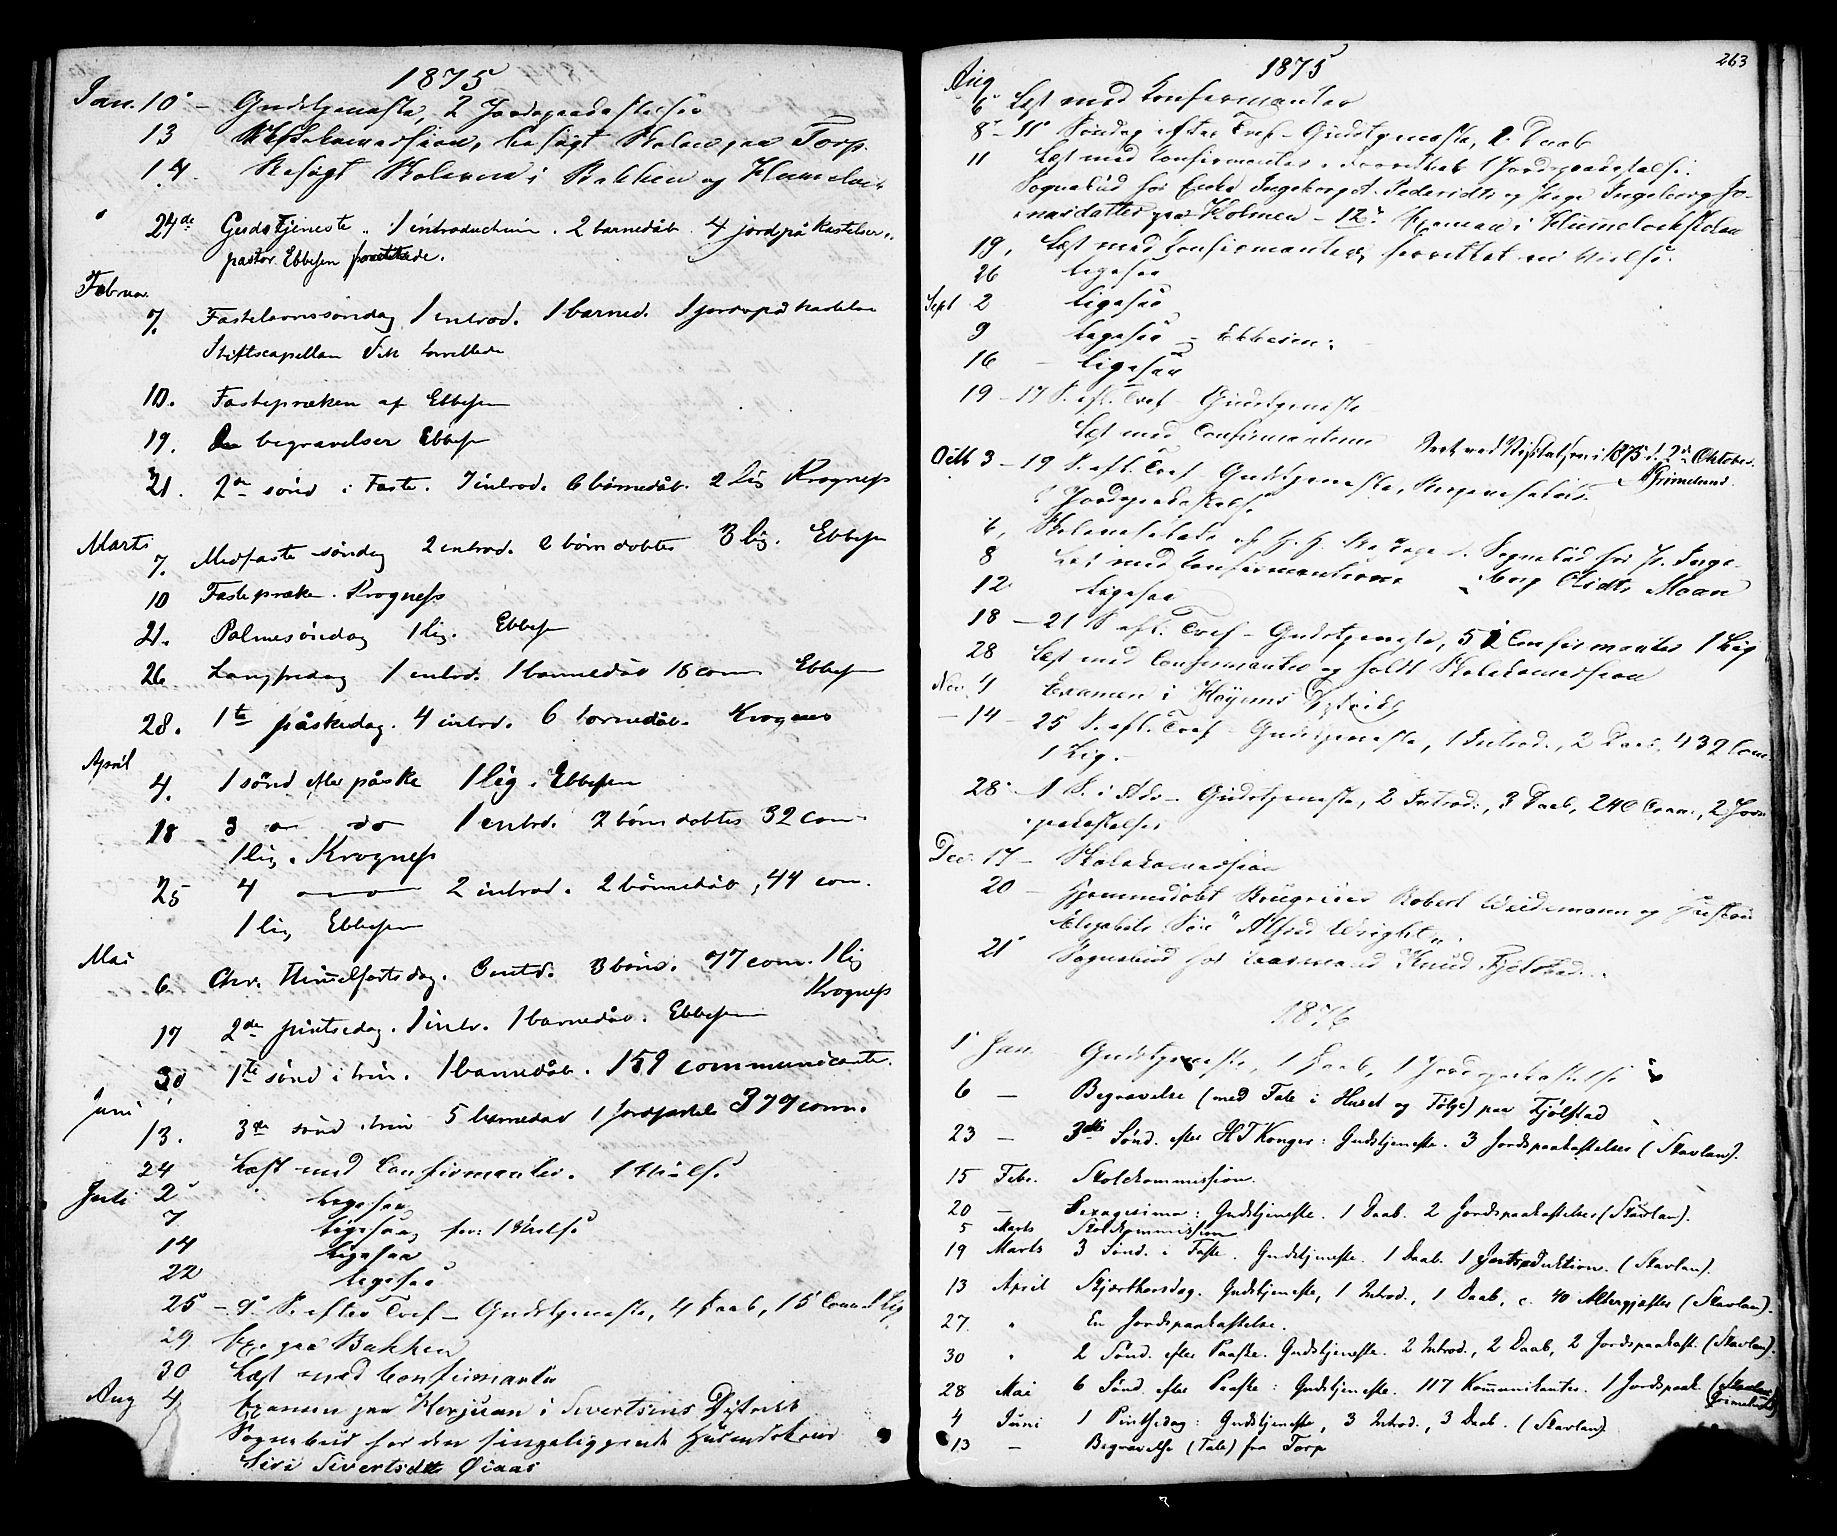 SAT, Ministerialprotokoller, klokkerbøker og fødselsregistre - Sør-Trøndelag, 616/L0409: Ministerialbok nr. 616A06, 1865-1877, s. 263